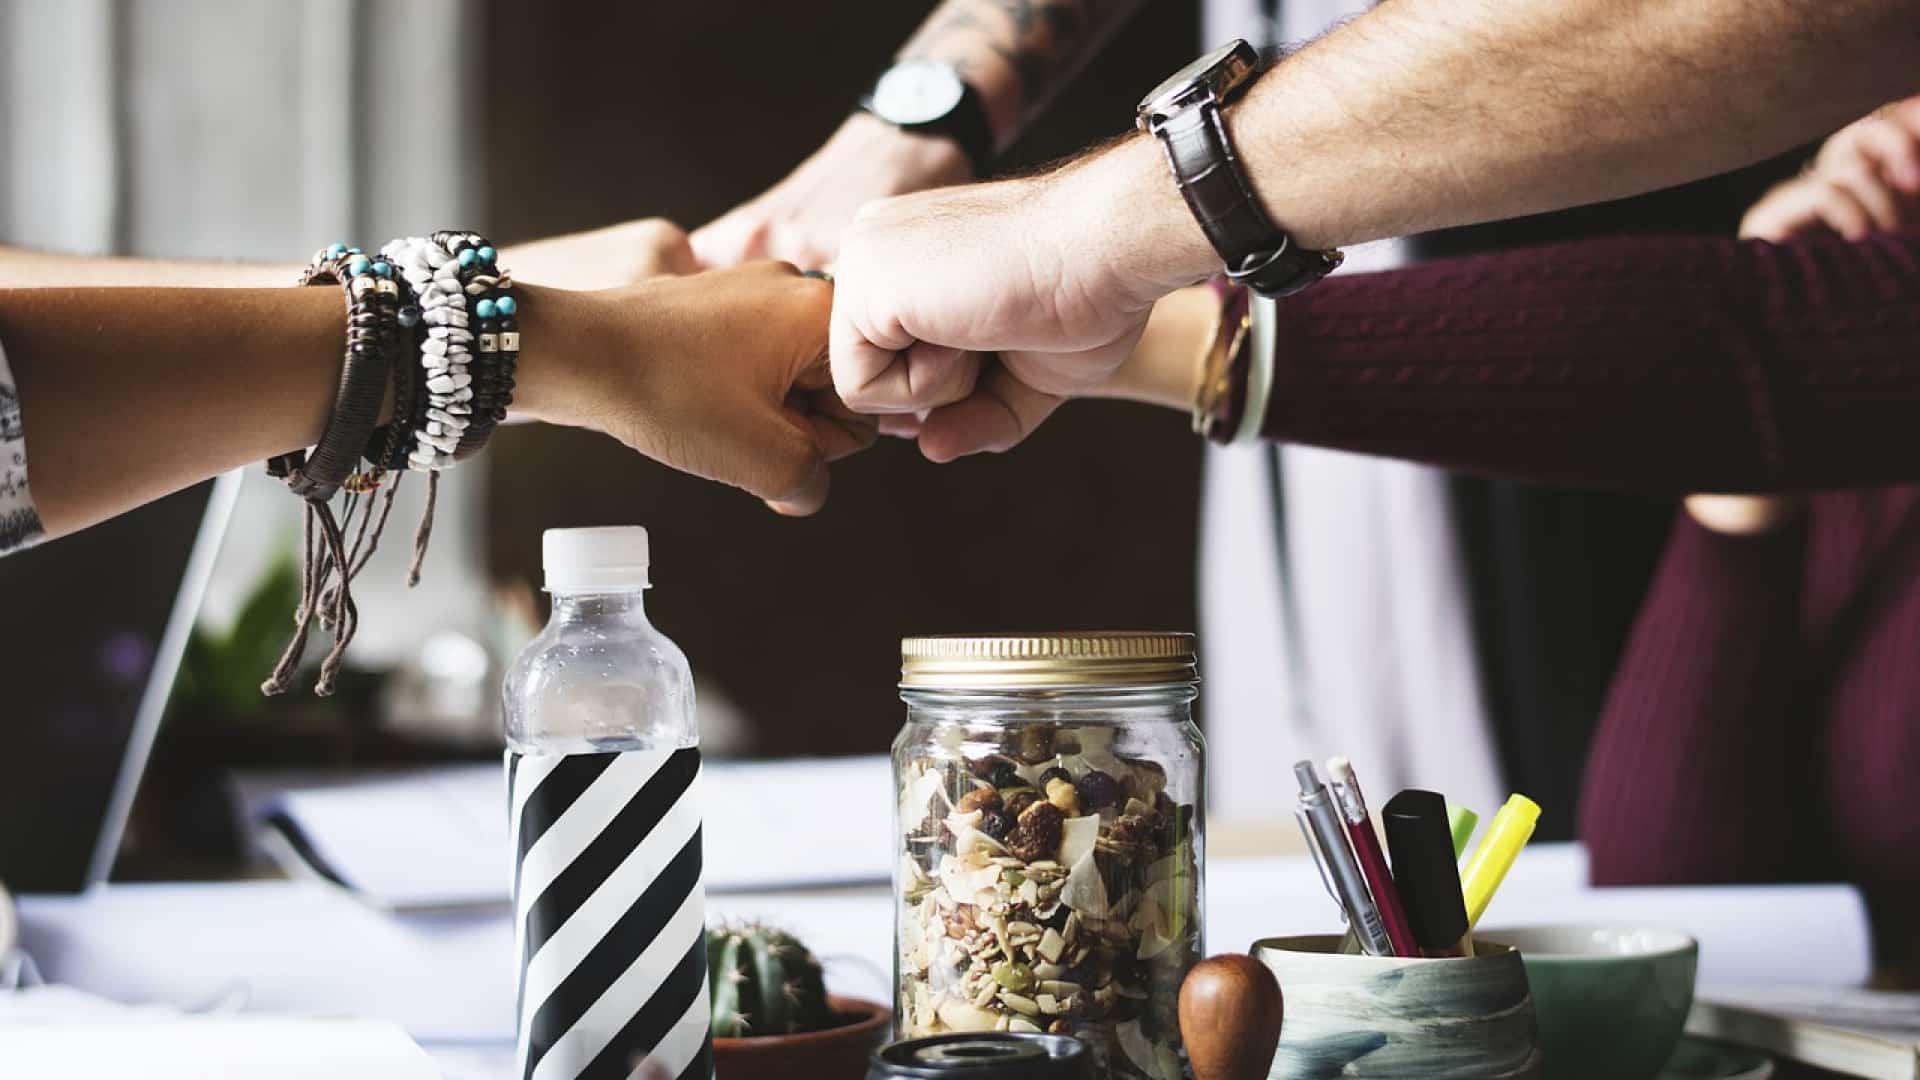 Comment améliorer le service client de votre entreprise ?